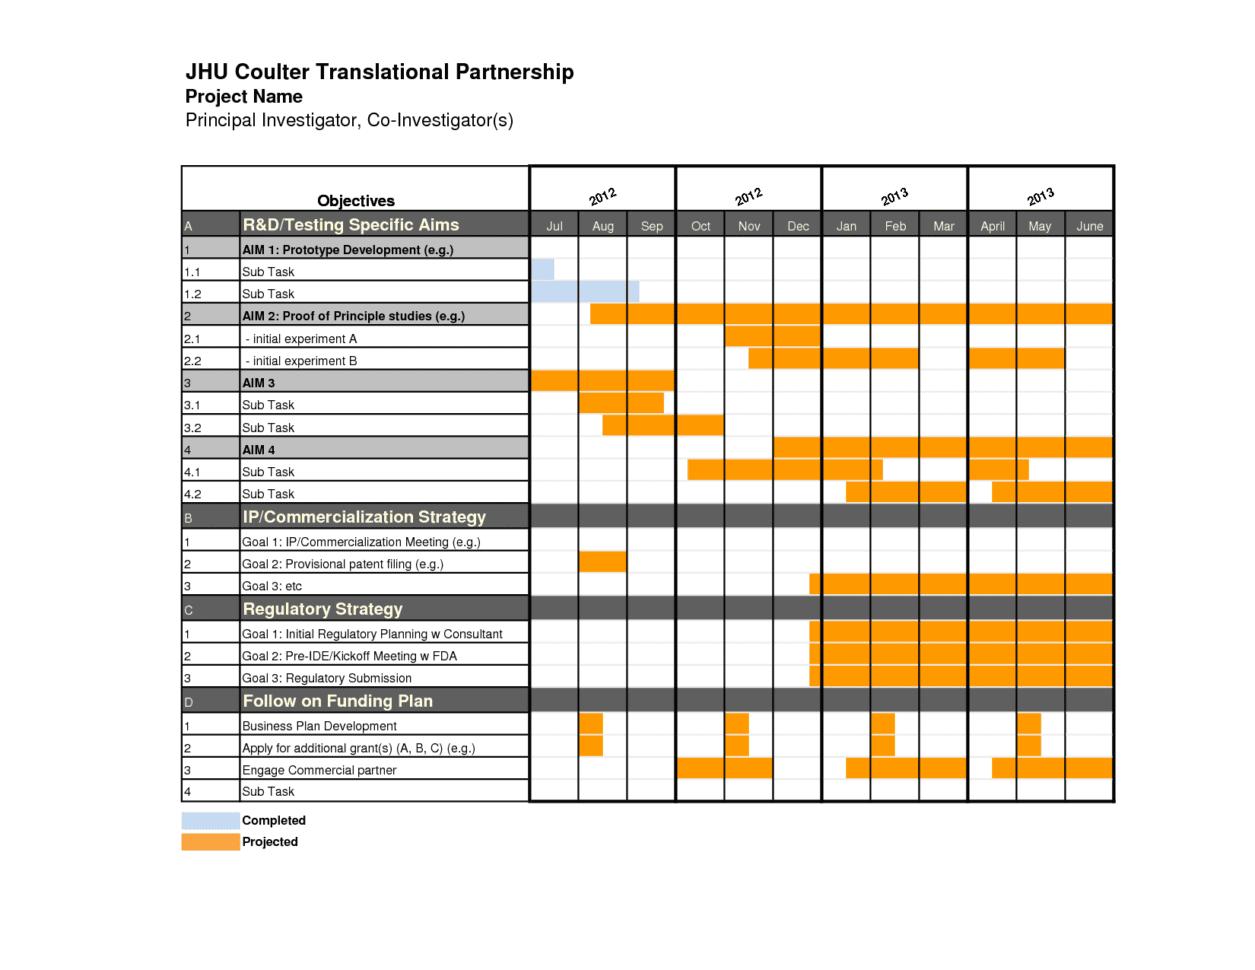 Gantt Chart TEMPLATES Gantt Chart Excel 2010 Download Project Management Gantt Chart Excel Excel Gantt Chart Template Conditional Formatting Excel Simple Gantt Chart Template Gantt Chart Excel Template 2013 Excel Gantt Chart Template With Dependencies  Excel Gantt Chart Template Conditional Formatting Excel Spreadsheet Gantt Chart Template Spreadsheet Templates for Busines